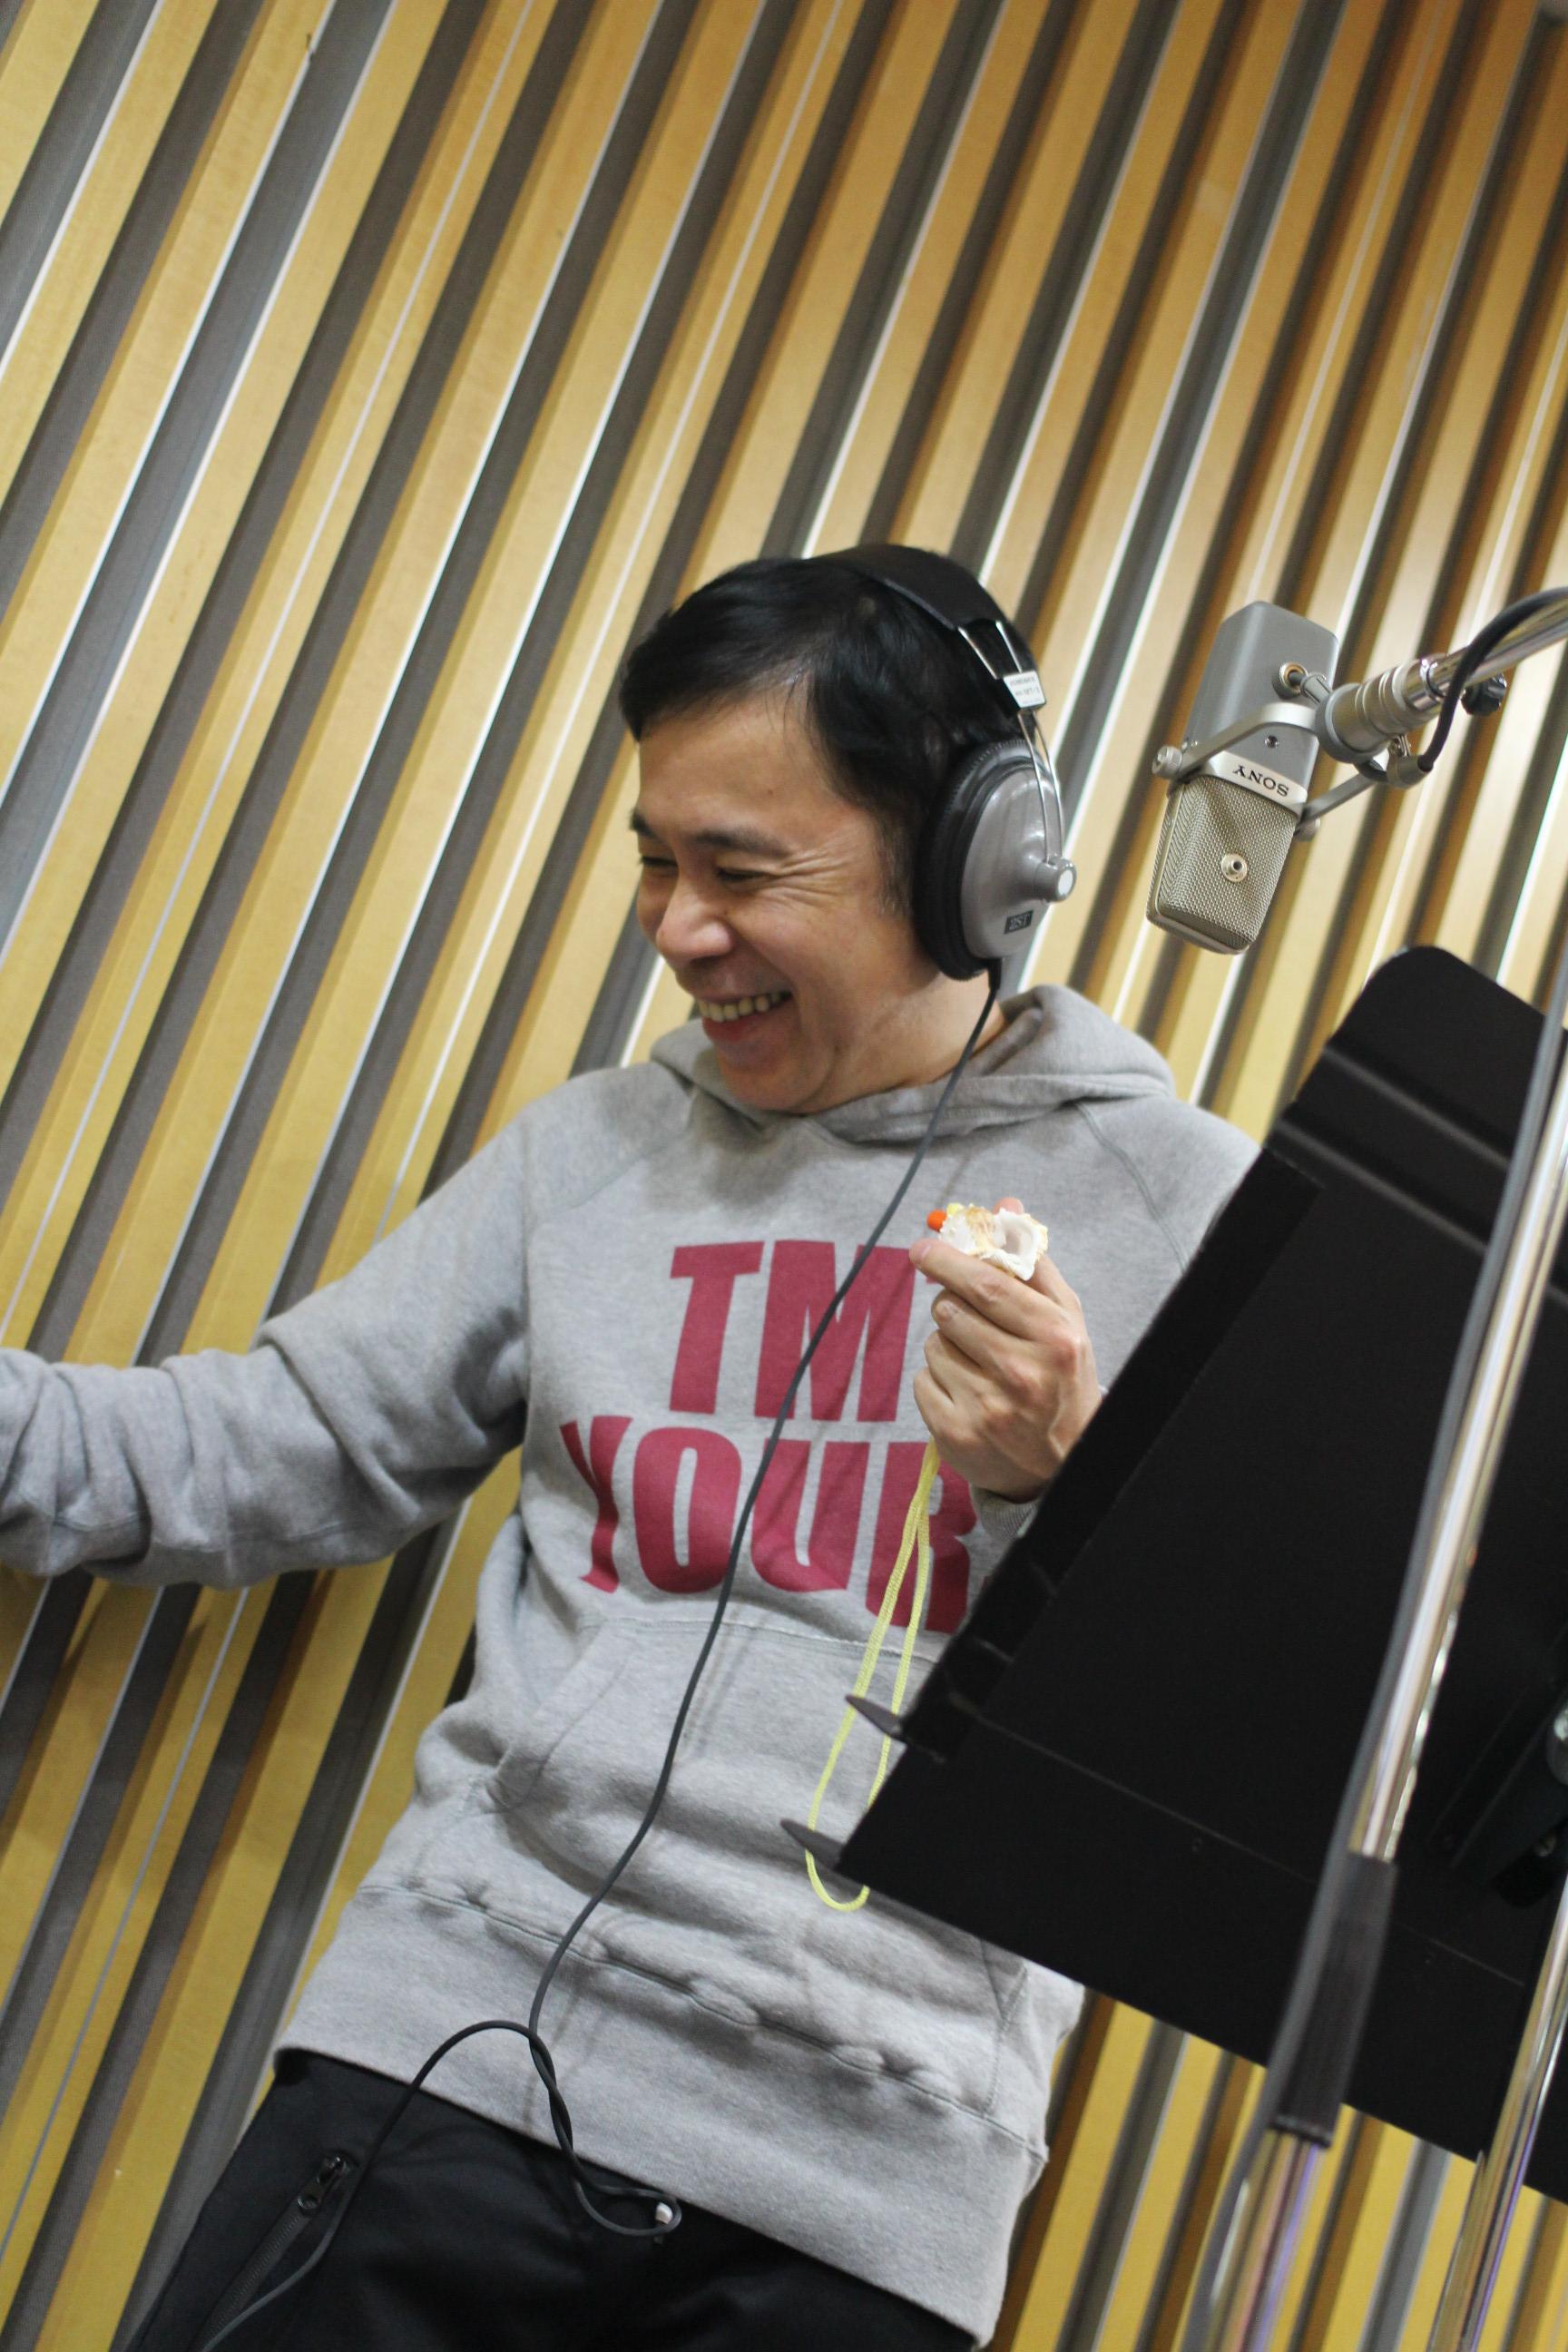 オールナイト 2020 岡村 なにわ男子、7人全員そろって冠ラジオ決定!『オールナイトニッポン』特番に挑戦!